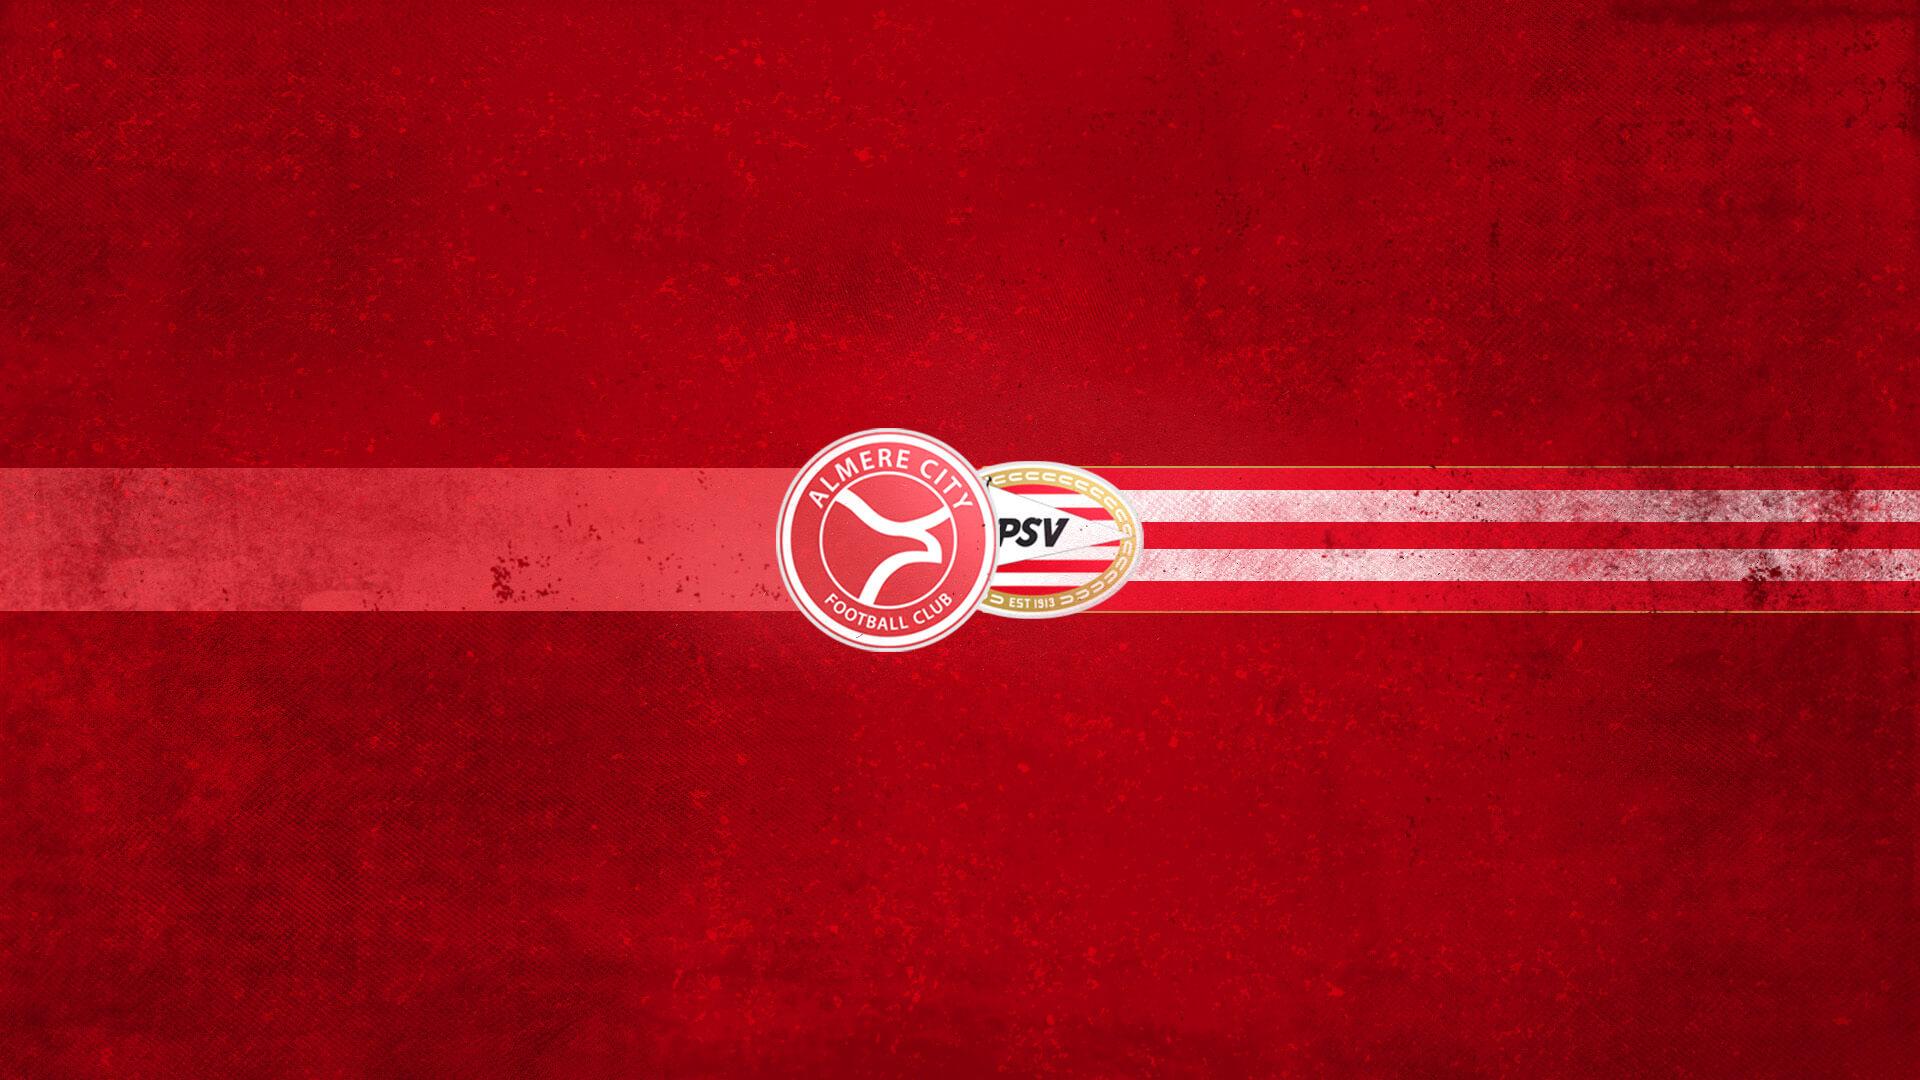 Voorbeschouwing: Almere City FC bij winst op Jong PSV zeker van periodetitel